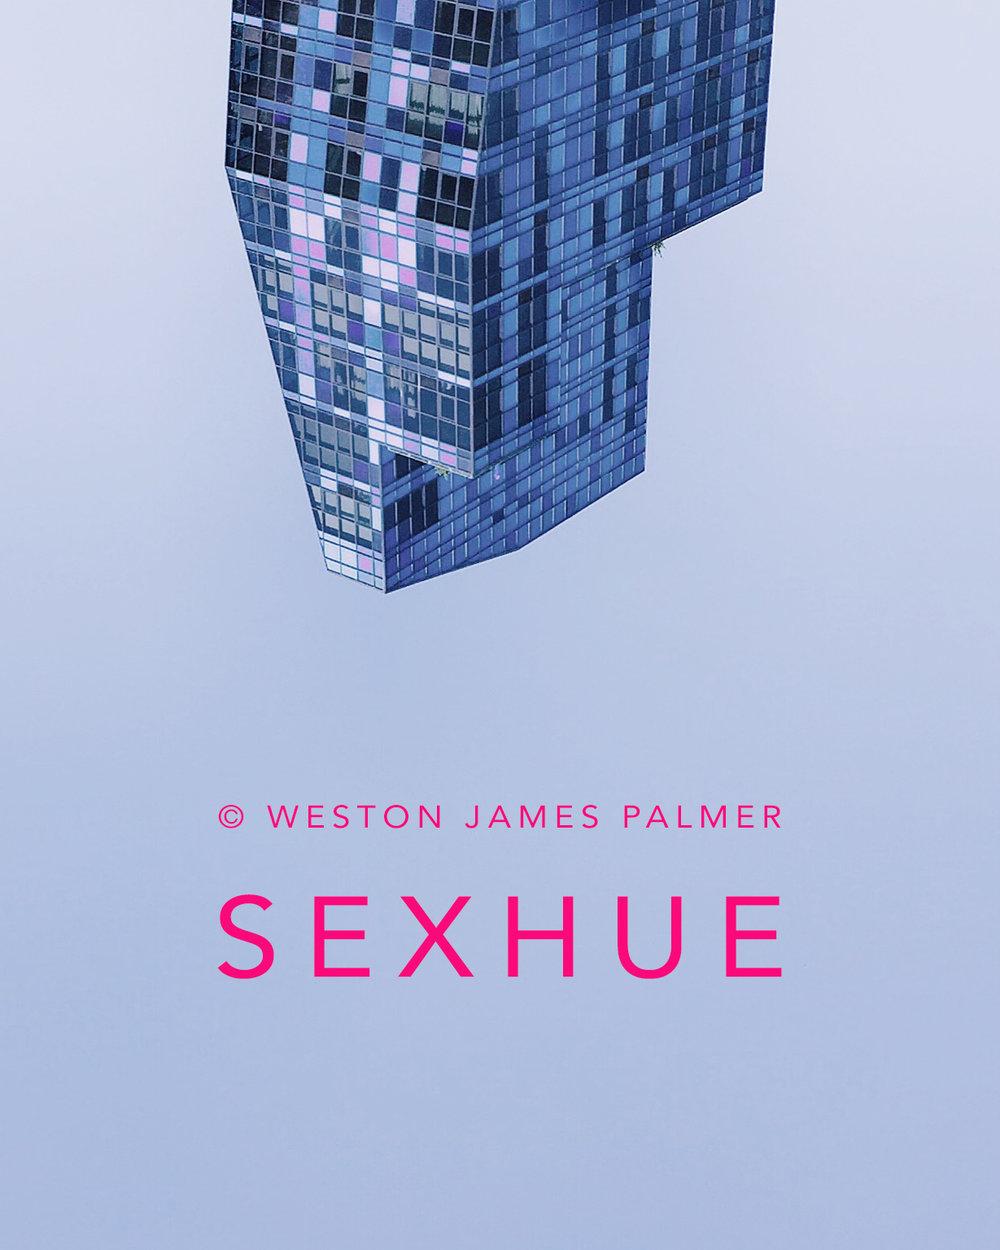 WJP SEXHUE.jpg